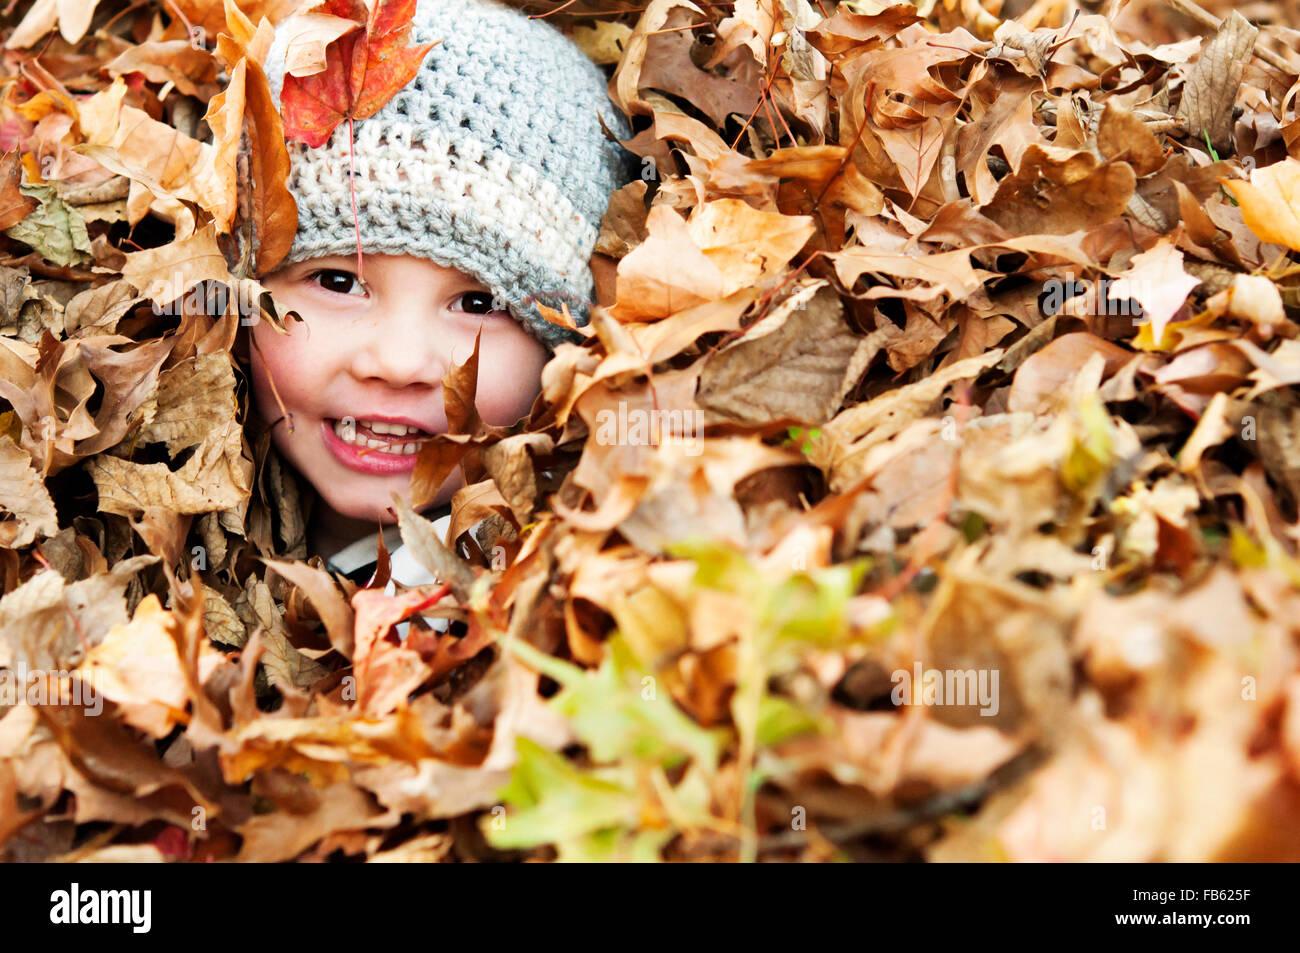 Poco sorridente ragazzo che spuntavano di foglie Immagini Stock